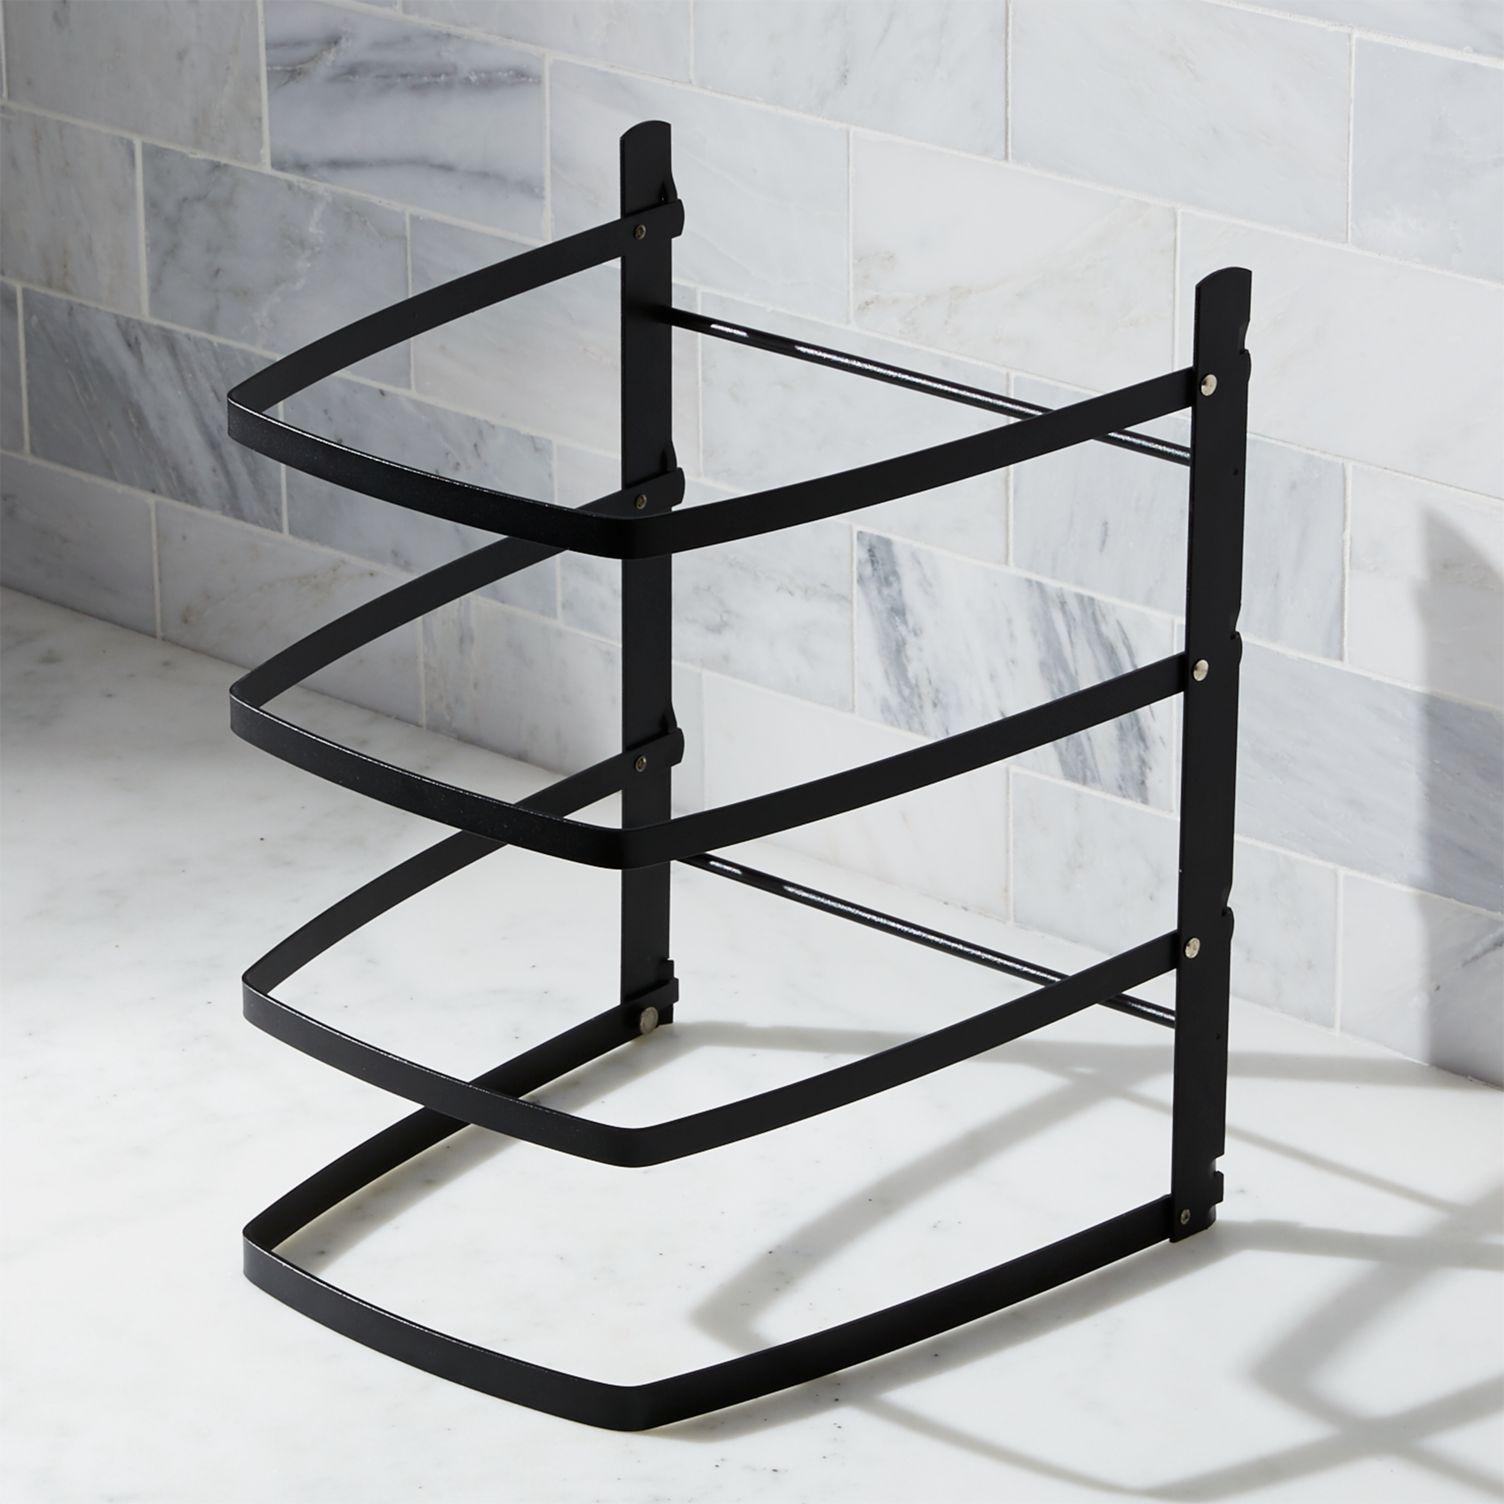 Crate & Barrel Baker's Cooling Rack